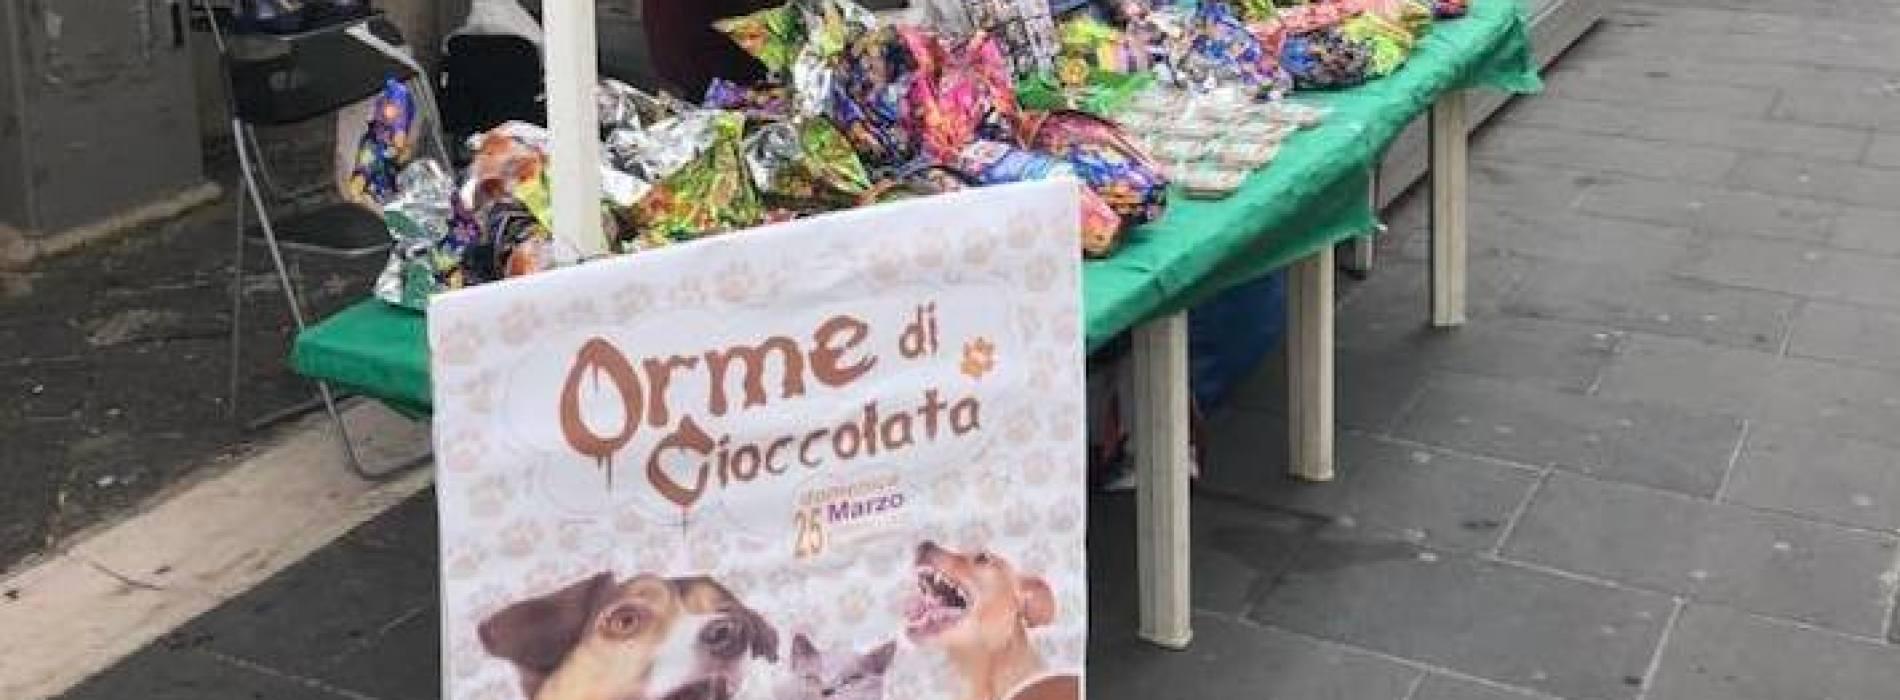 Orme di cioccolata, una giornata di solidarietà per i pelosi